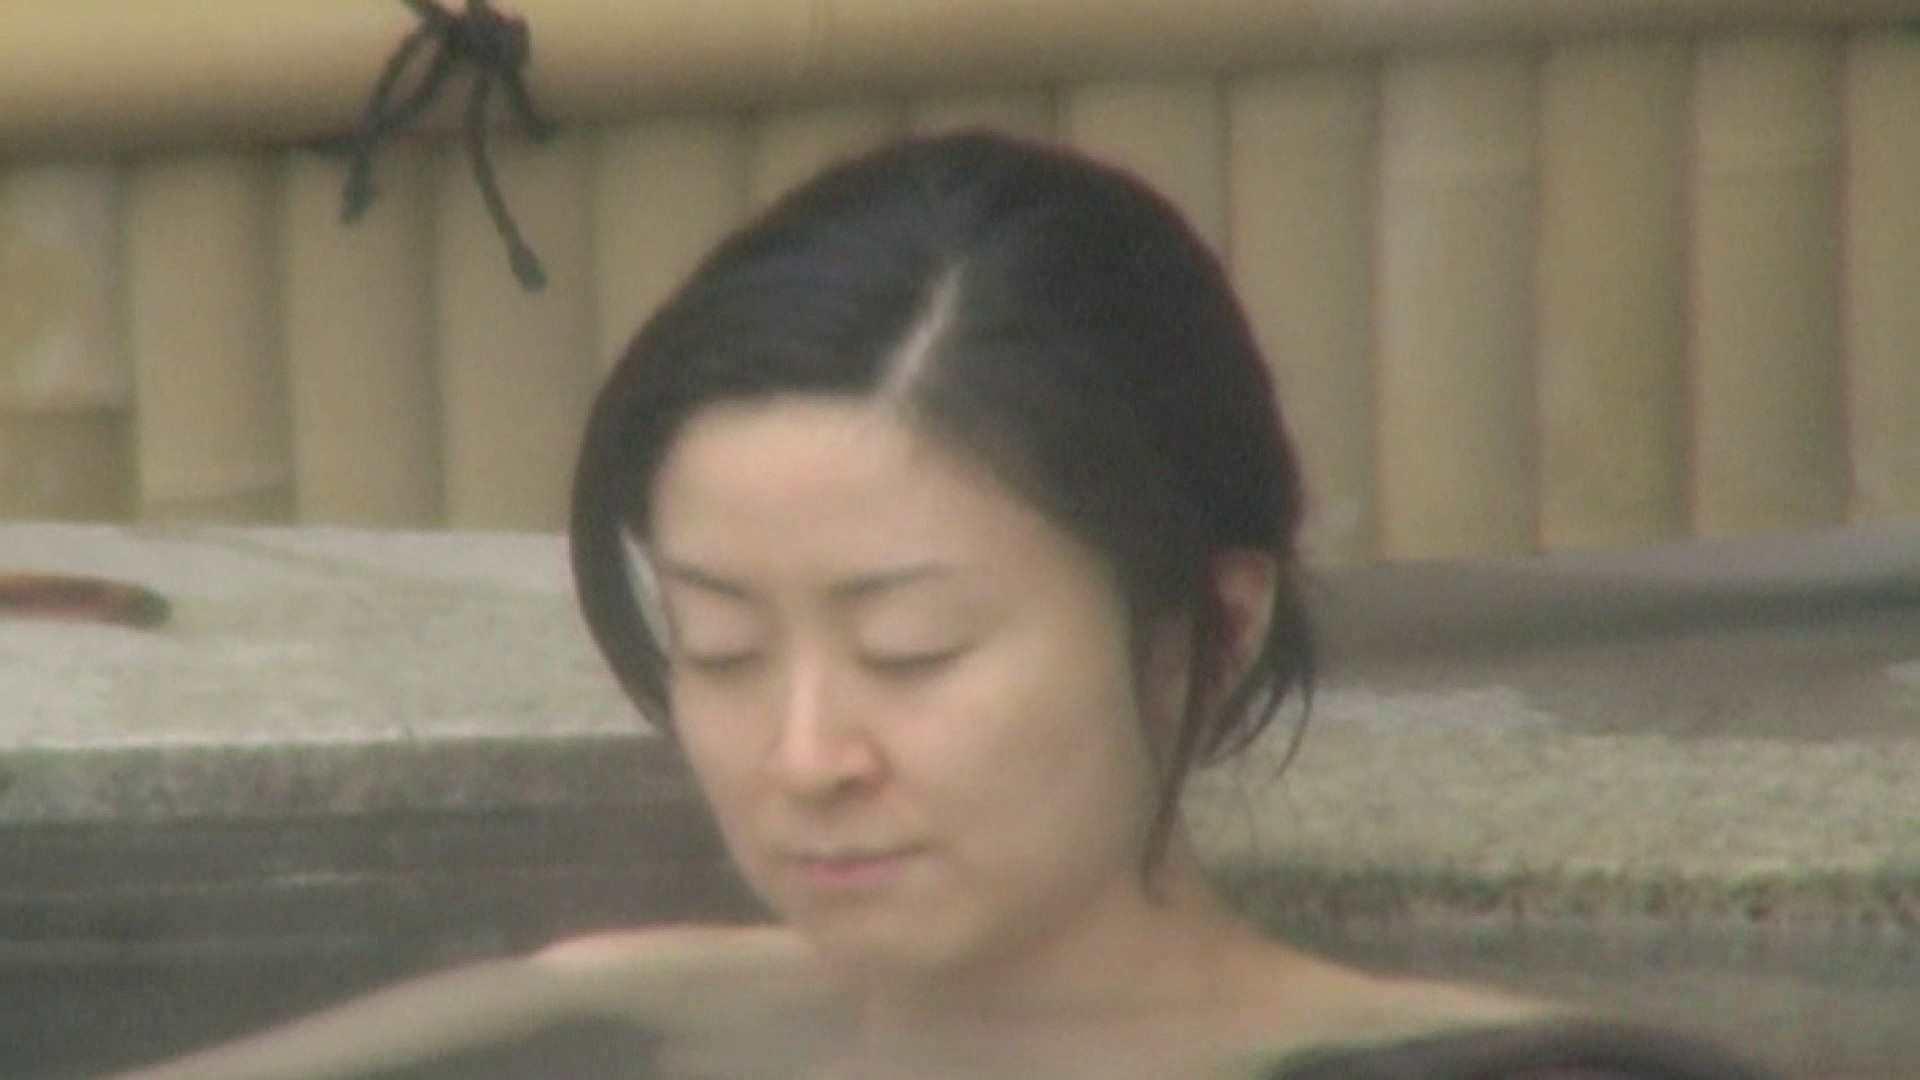 Aquaな露天風呂Vol.548 盗撮  103画像 36